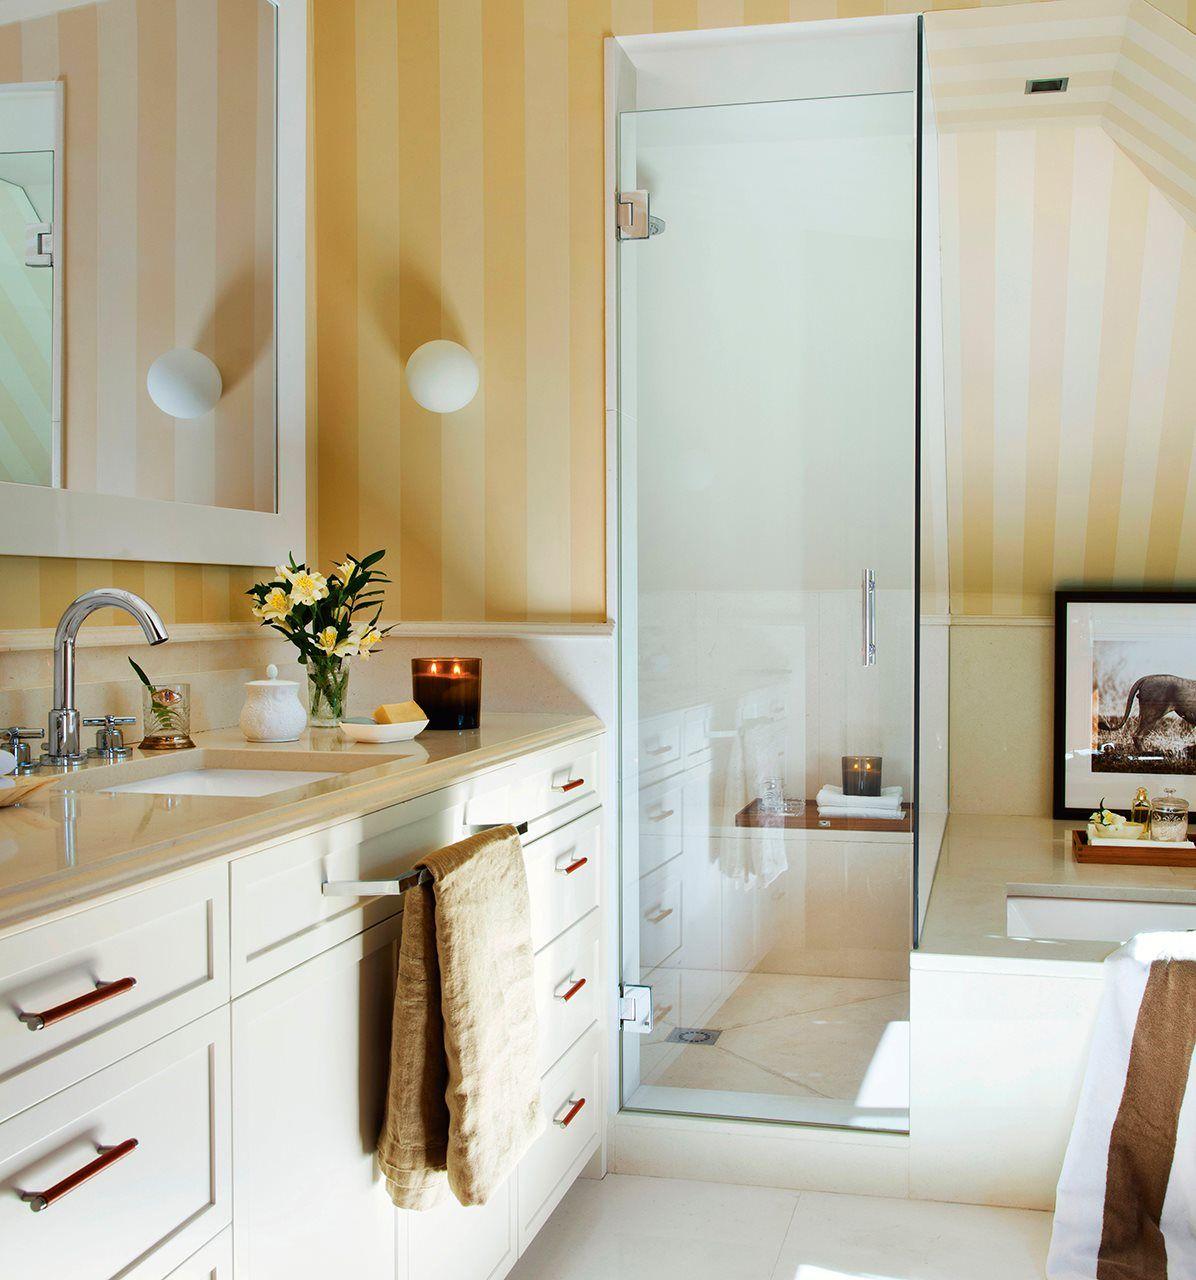 Baño con bañeera, paredes pintadas en azul y mueble bajolavabo ...